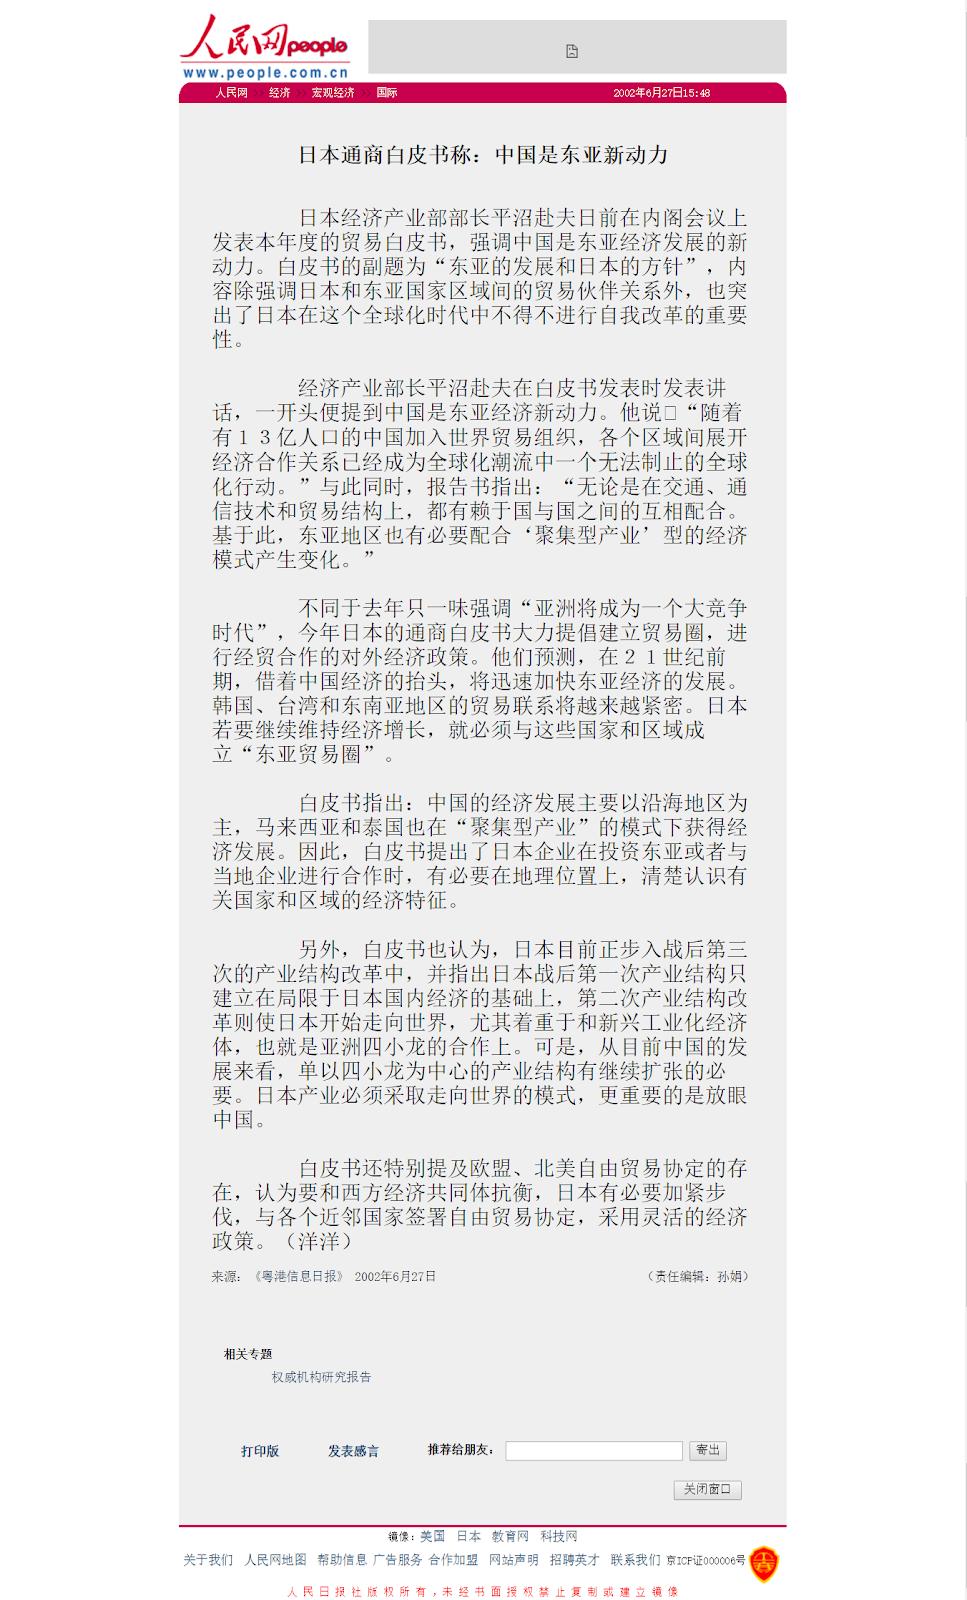 日本通商白皮书称:中国是东亚新动力.png